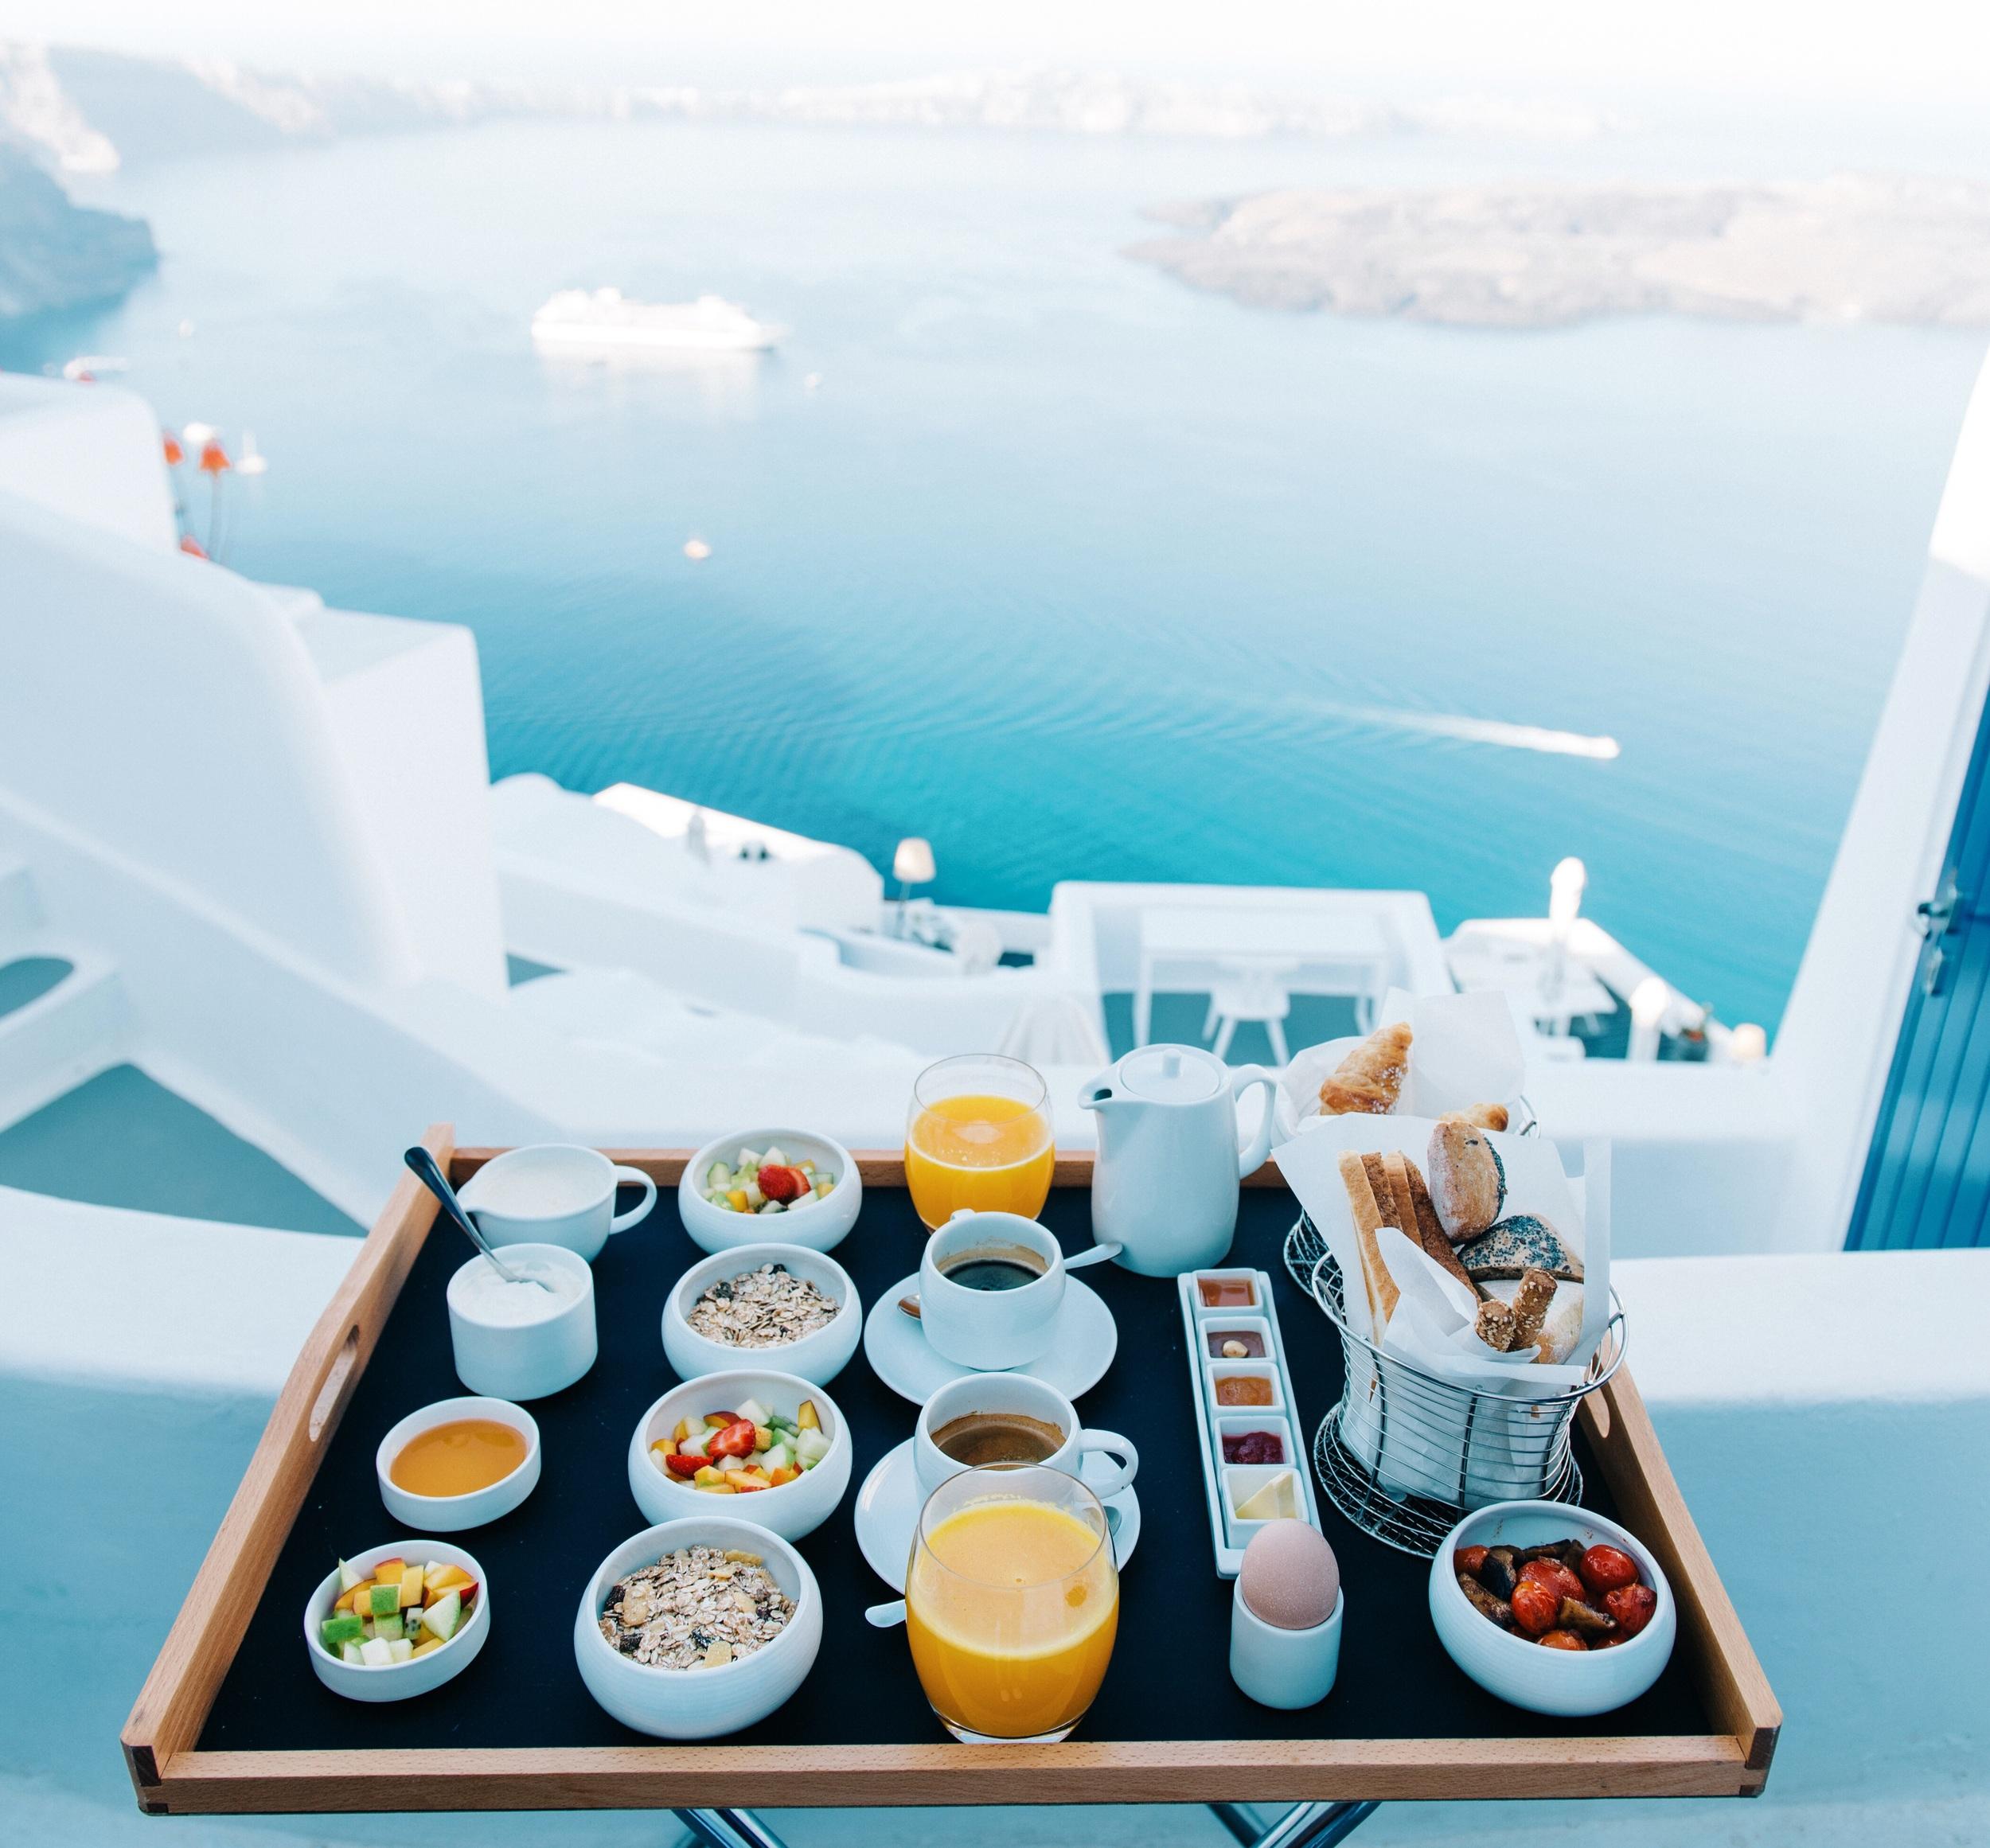 Breakfast time :)